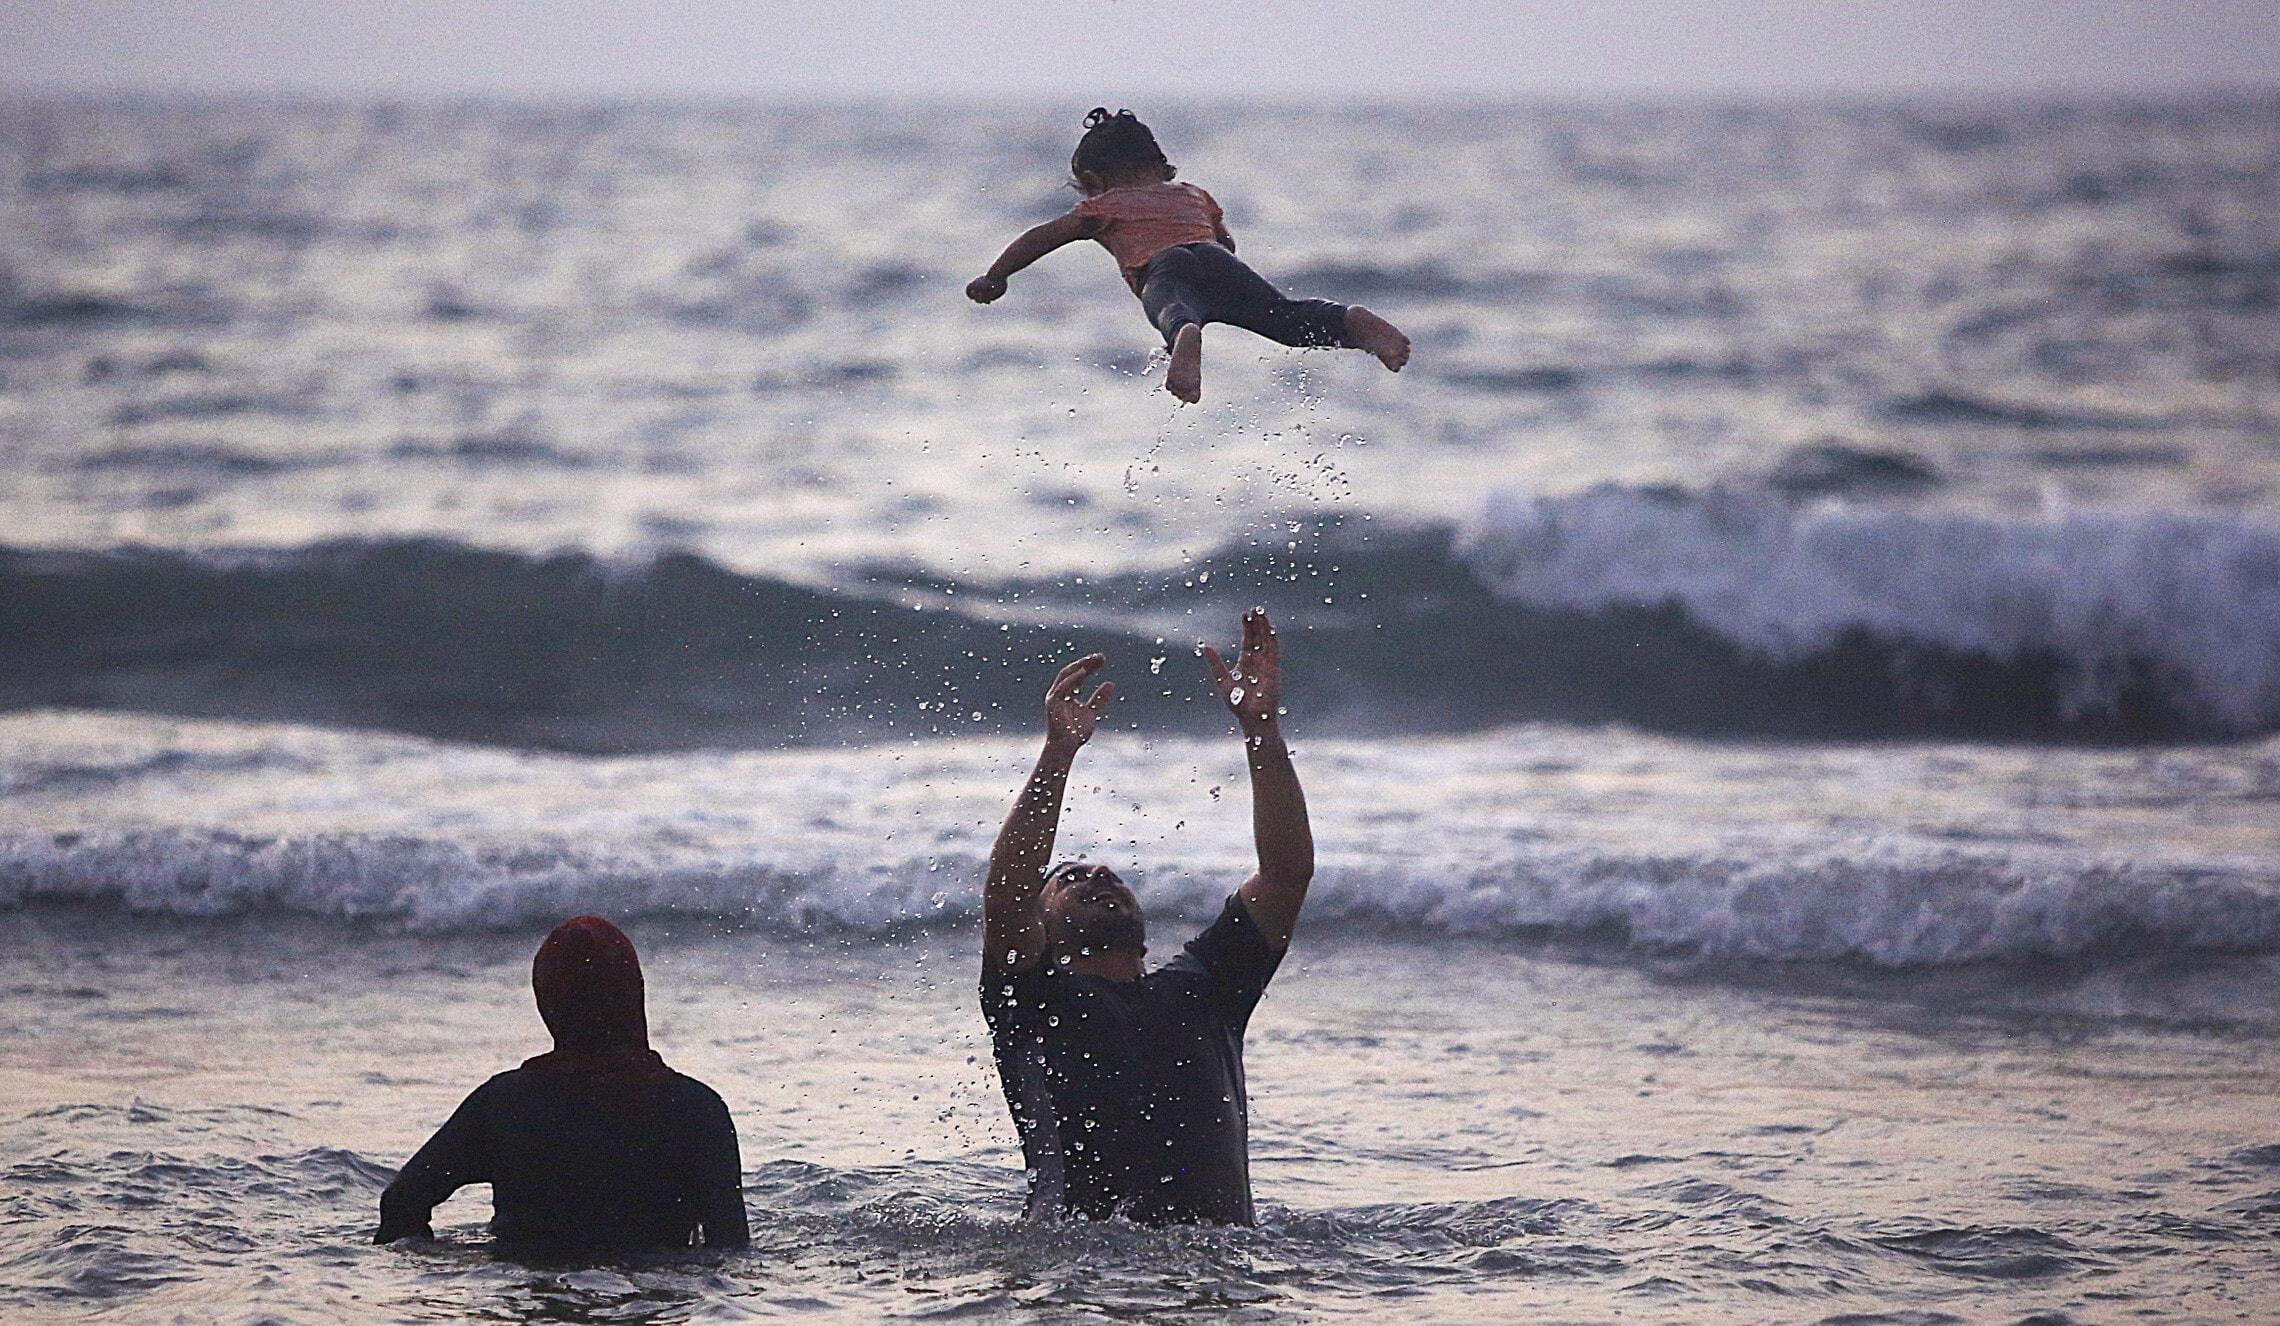 החיים בעזה: משפחה מבלה בים, ספטמבר 2020 (צילום: AP Photo/Hatem Moussa)